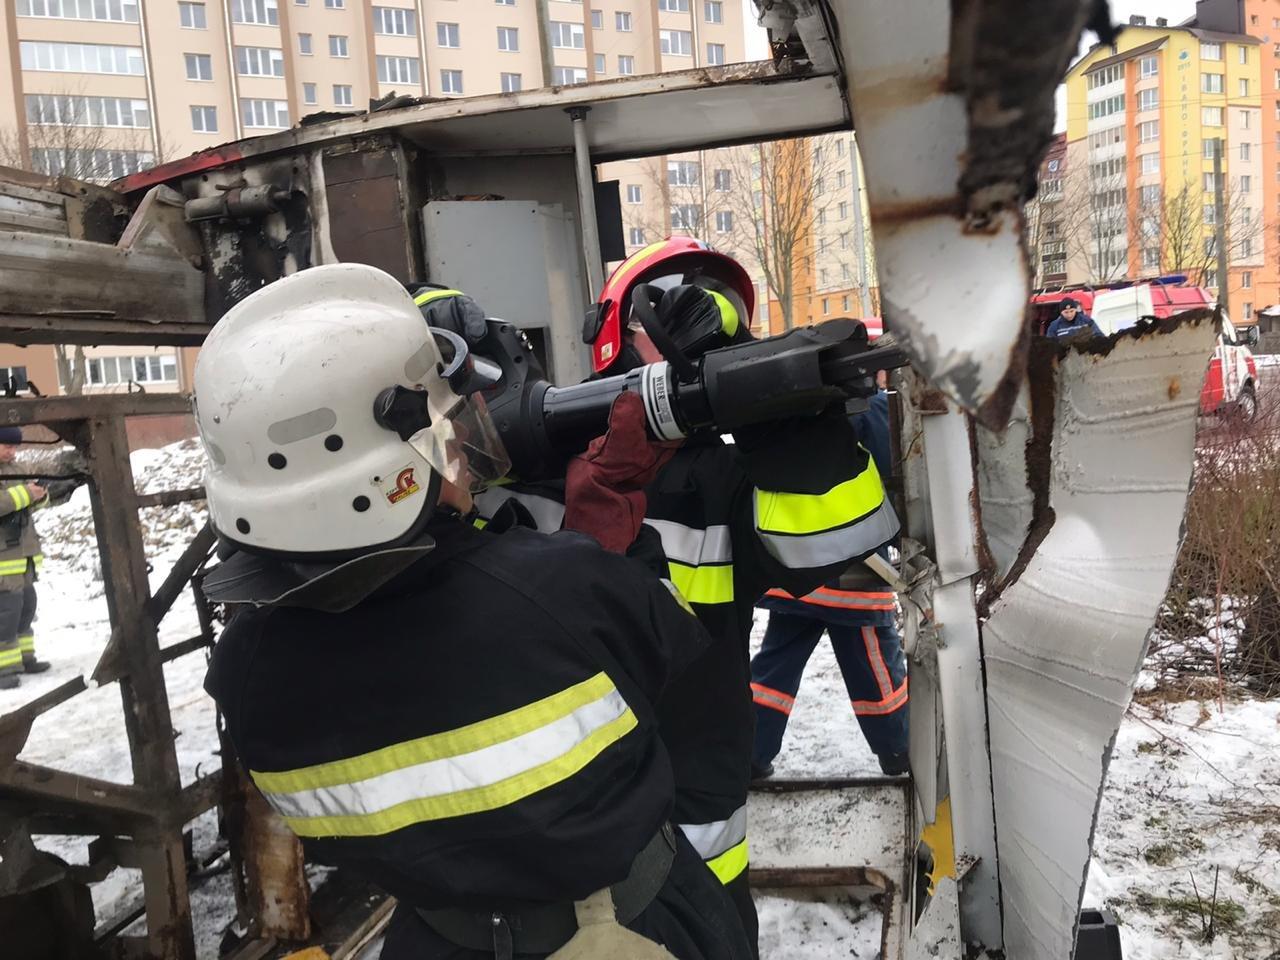 Франківські надзвичайники вчилися рятувати людей з палаючого автобуса (ФОТО), фото-2